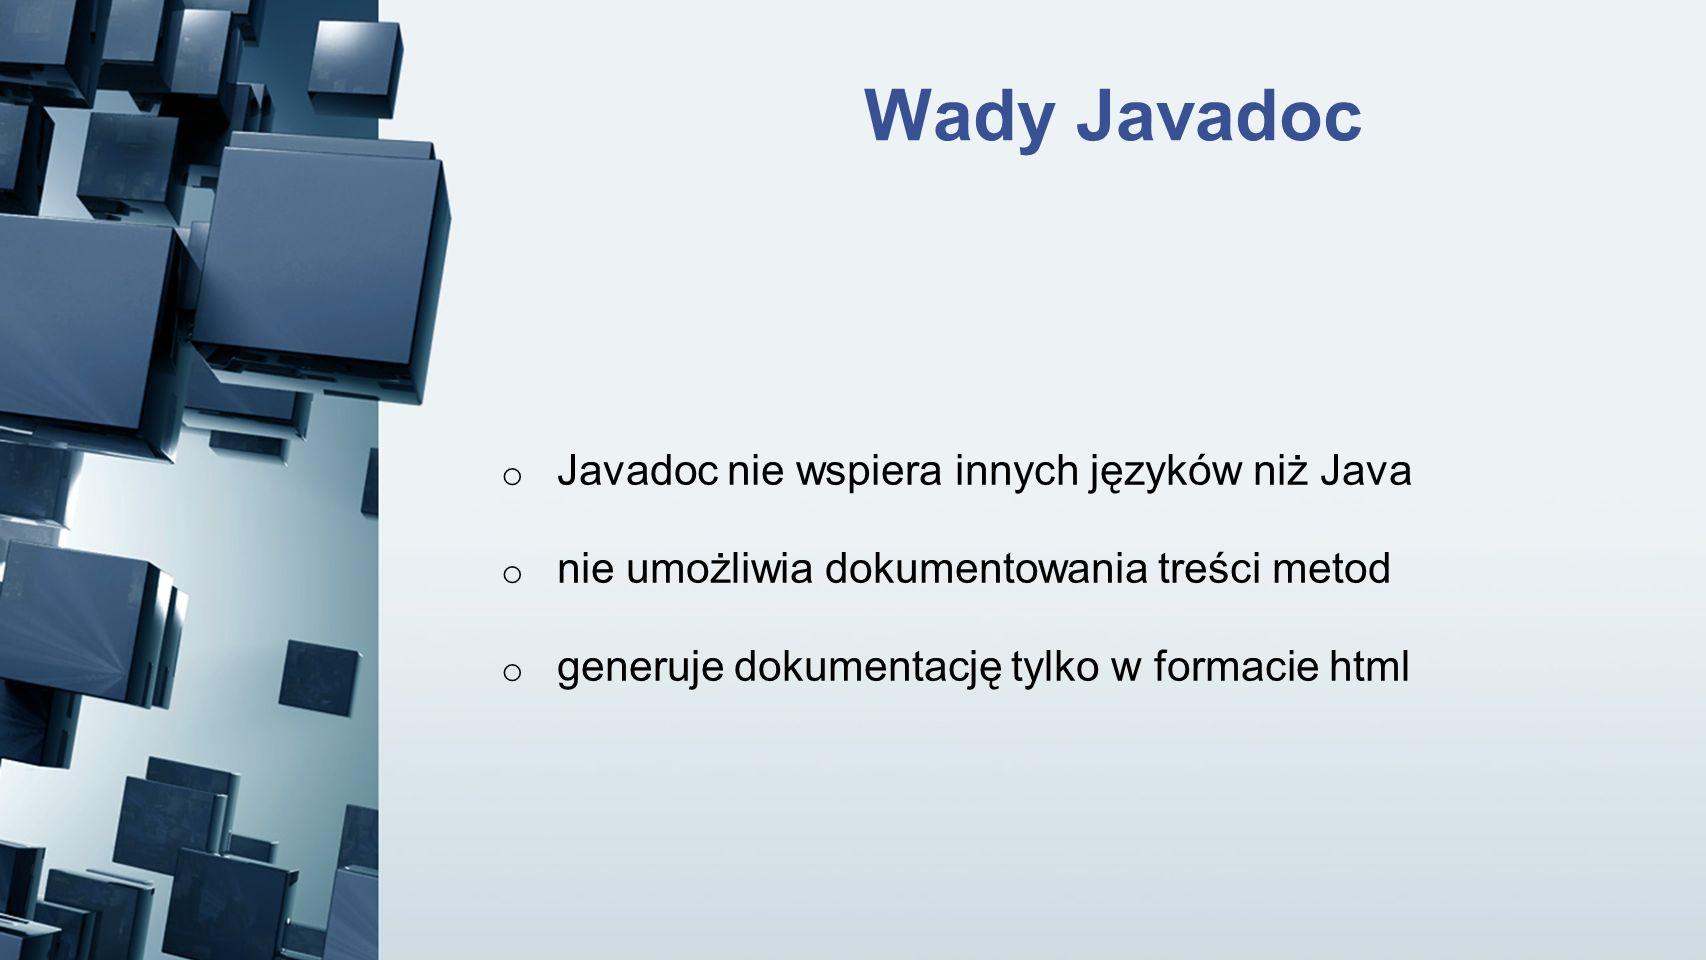 Wady Javadoc o Javadoc nie wspiera innych języków niż Java o nie umożliwia dokumentowania treści metod o generuje dokumentację tylko w formacie html